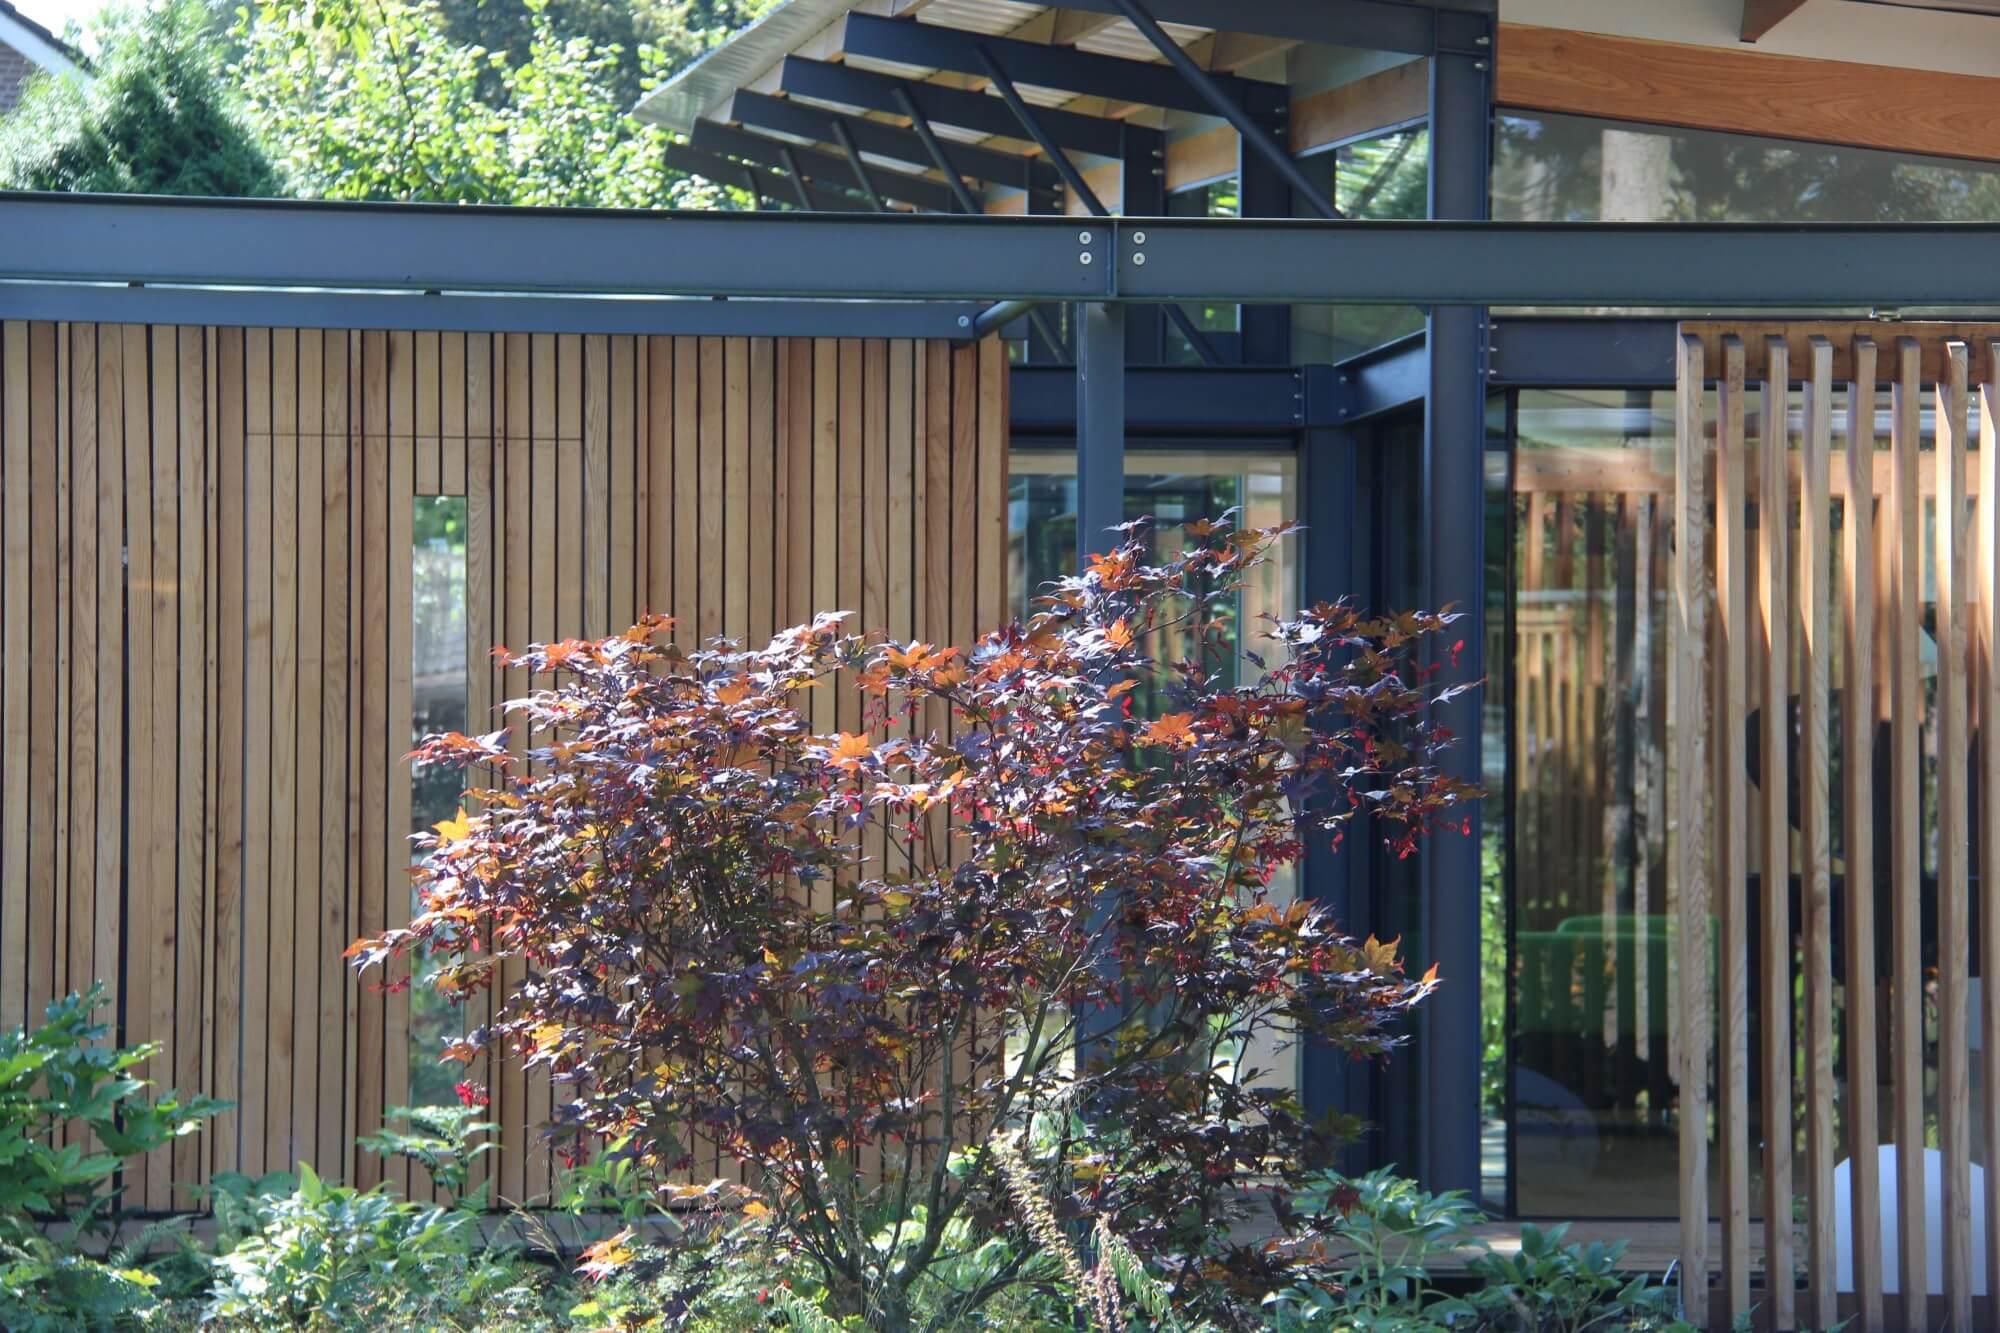 Voor een hoogwaardig en exclusief tuinontwerp neemt u contact op met Buro Buitenlust